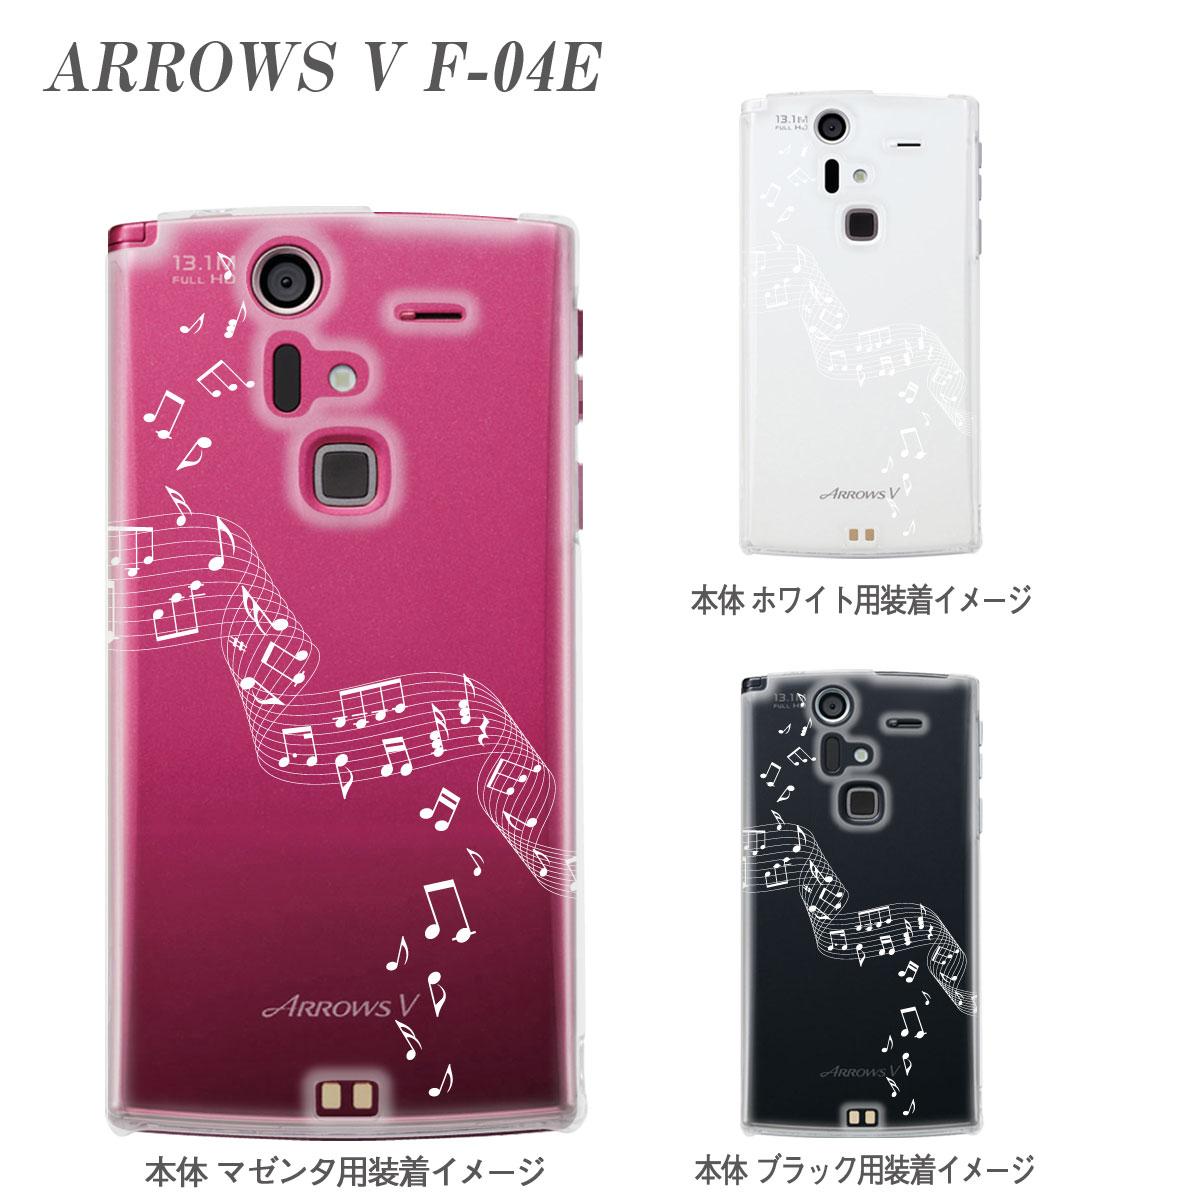 スマートフォン・携帯電話用アクセサリー, ケース・カバー ARROWS V F-04Ef04edocomo 09-f04e-mu0002